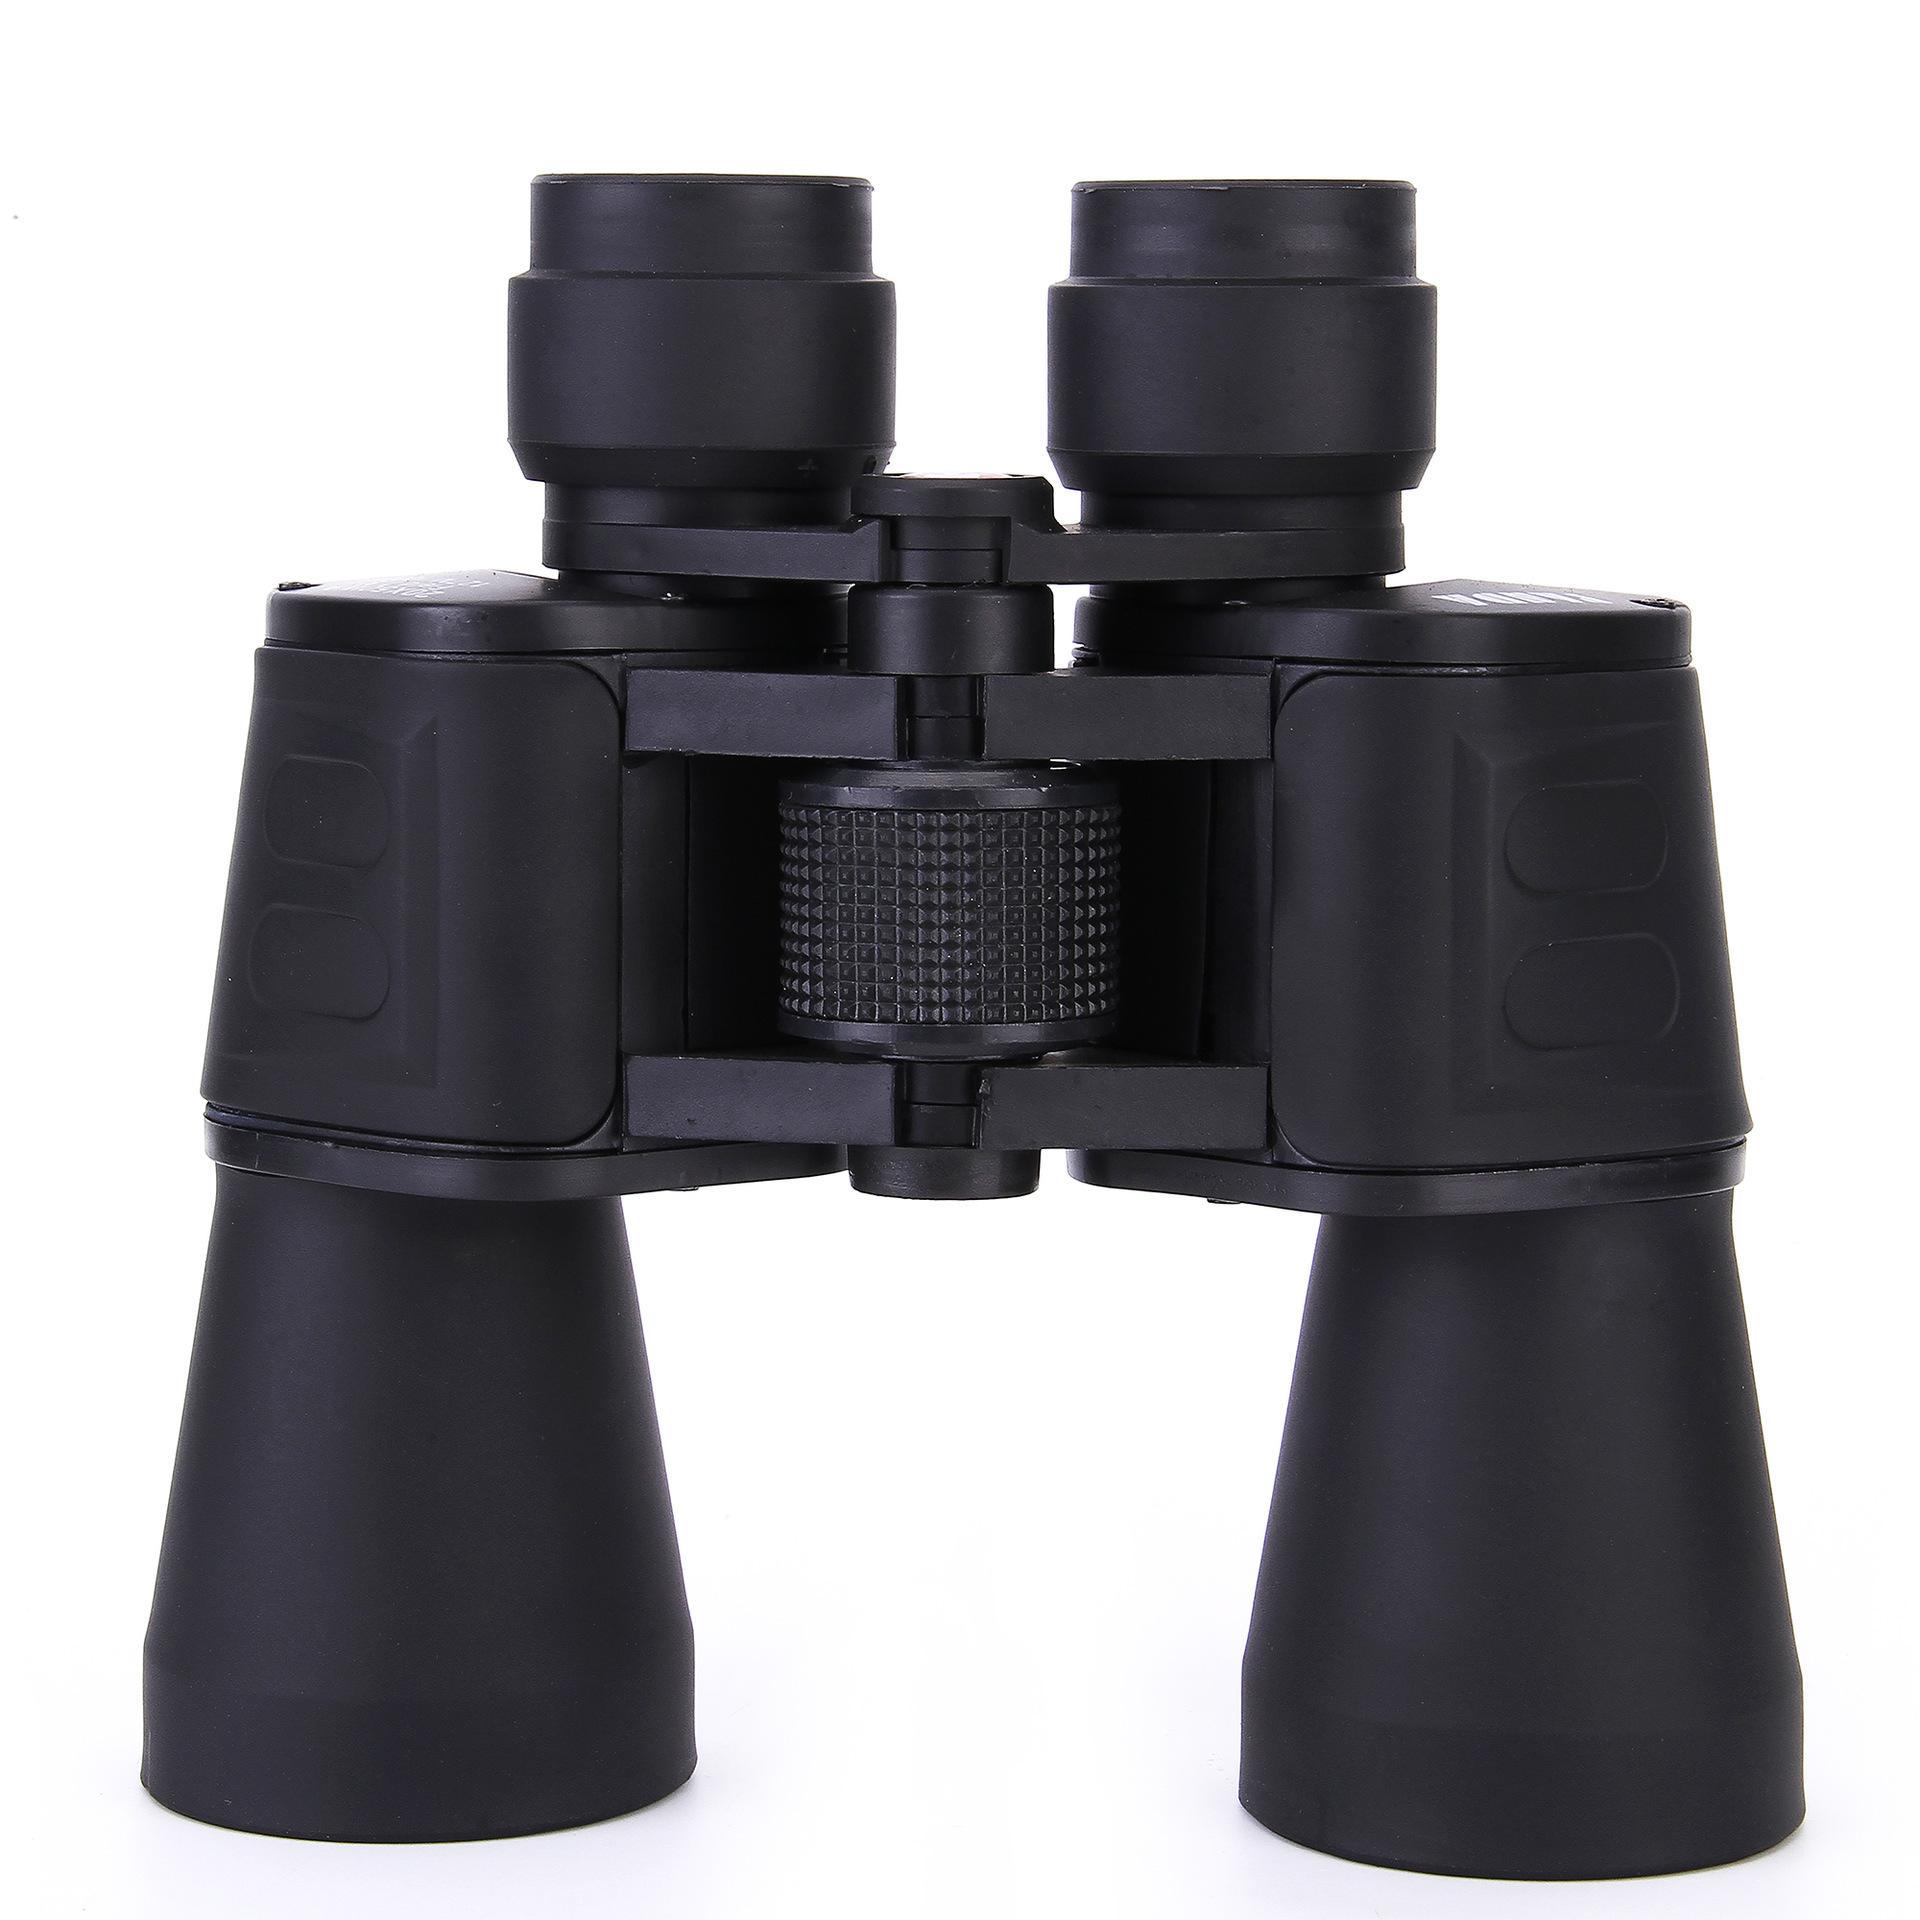 العلامة التجارية 20X50 مناظير عالية الجودة HD زاوية واسعة وسط التكبير اليوم والرؤية الليلية لا تلسكوب الأشعة تحت الحمراء